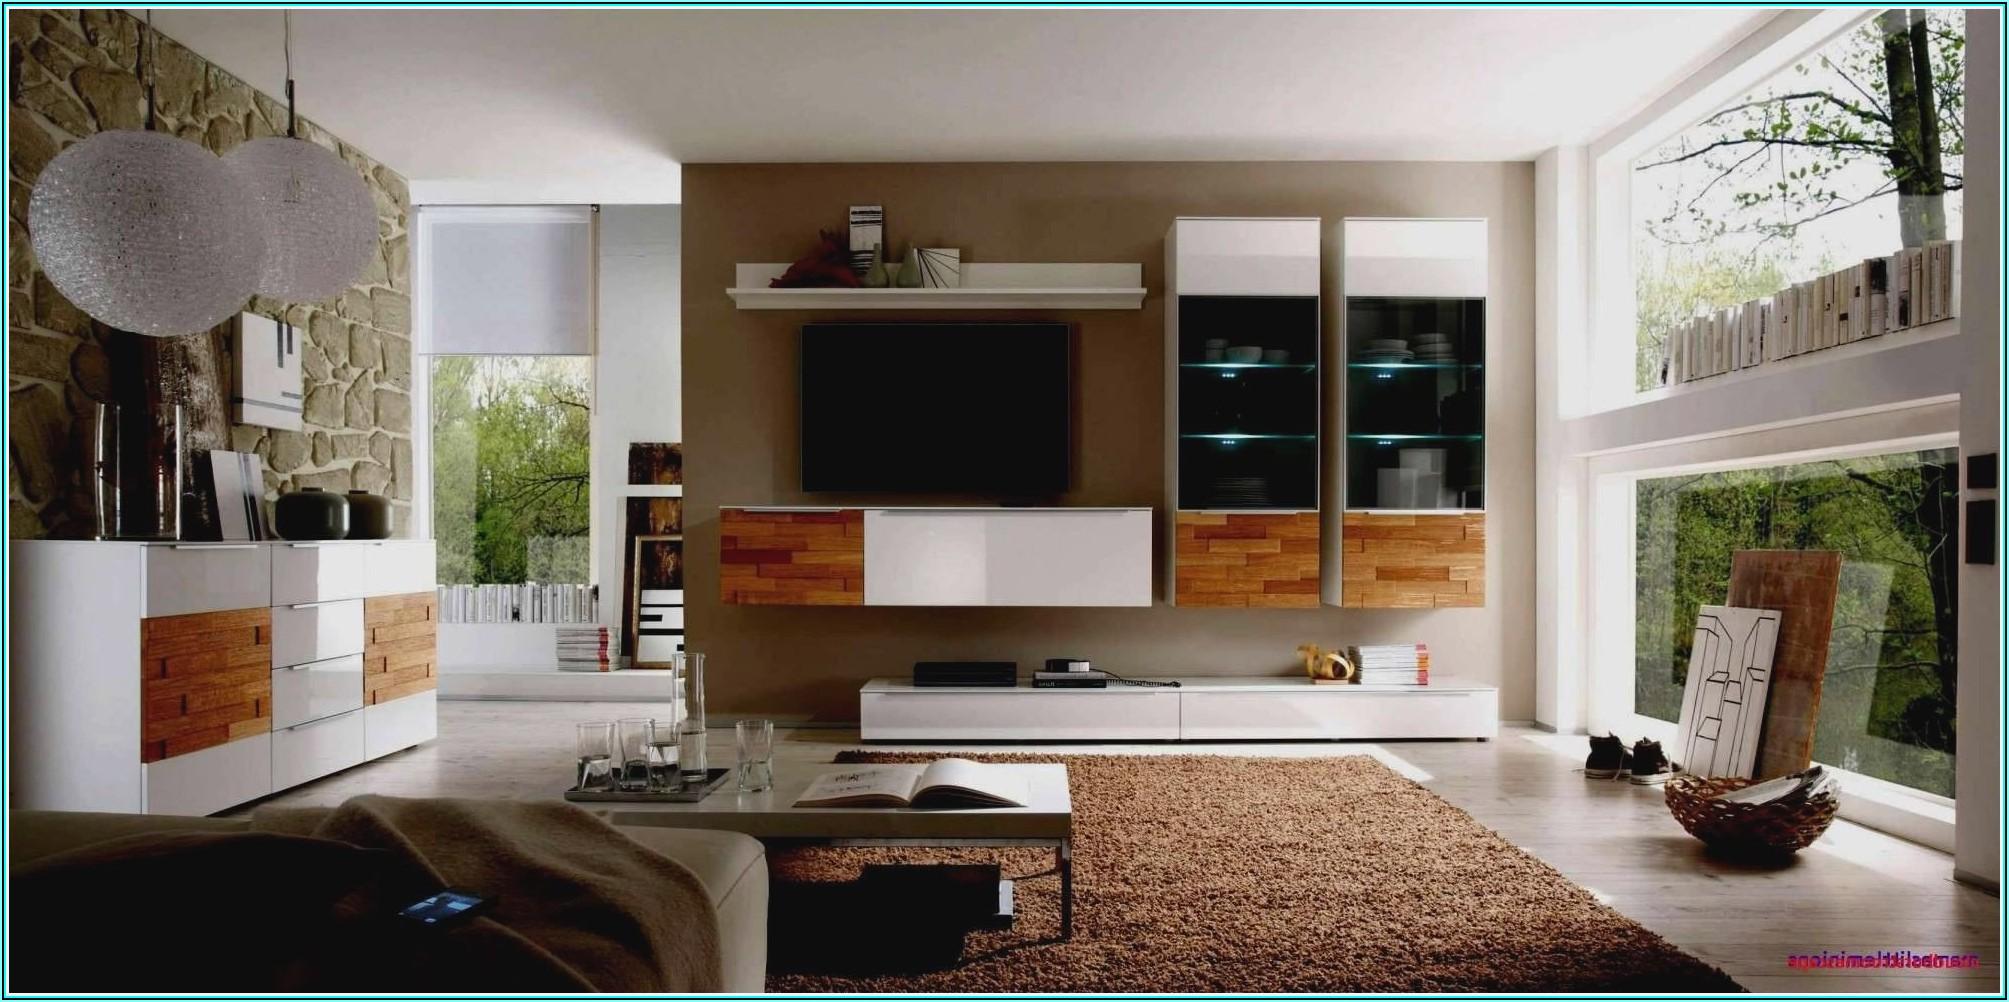 Ideen Zum Renovieren Wohnzimmer